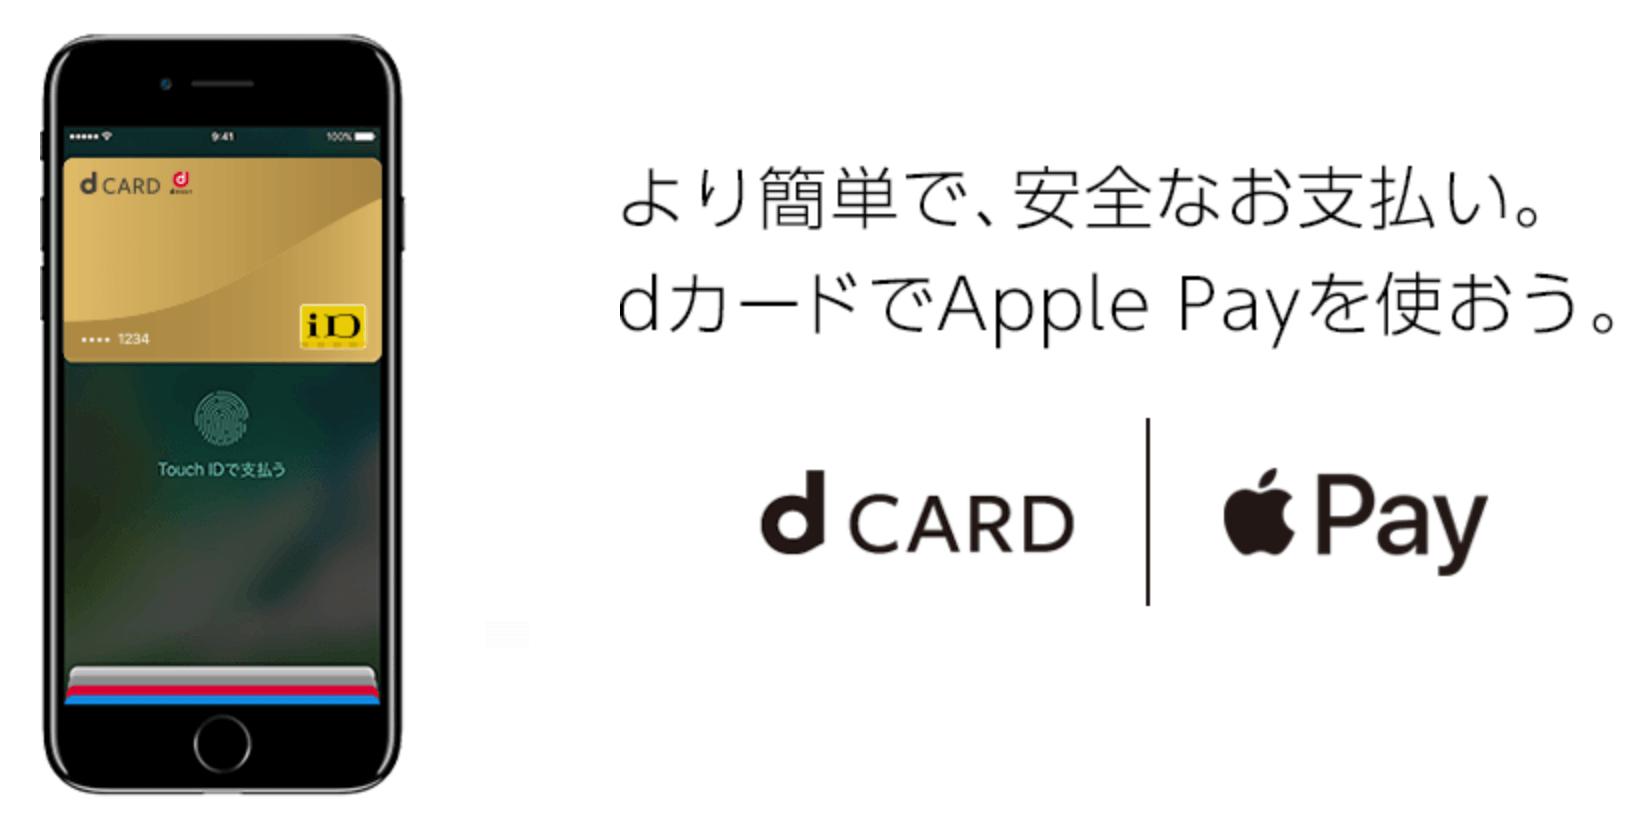 dカード GOLDはApple Payに対応